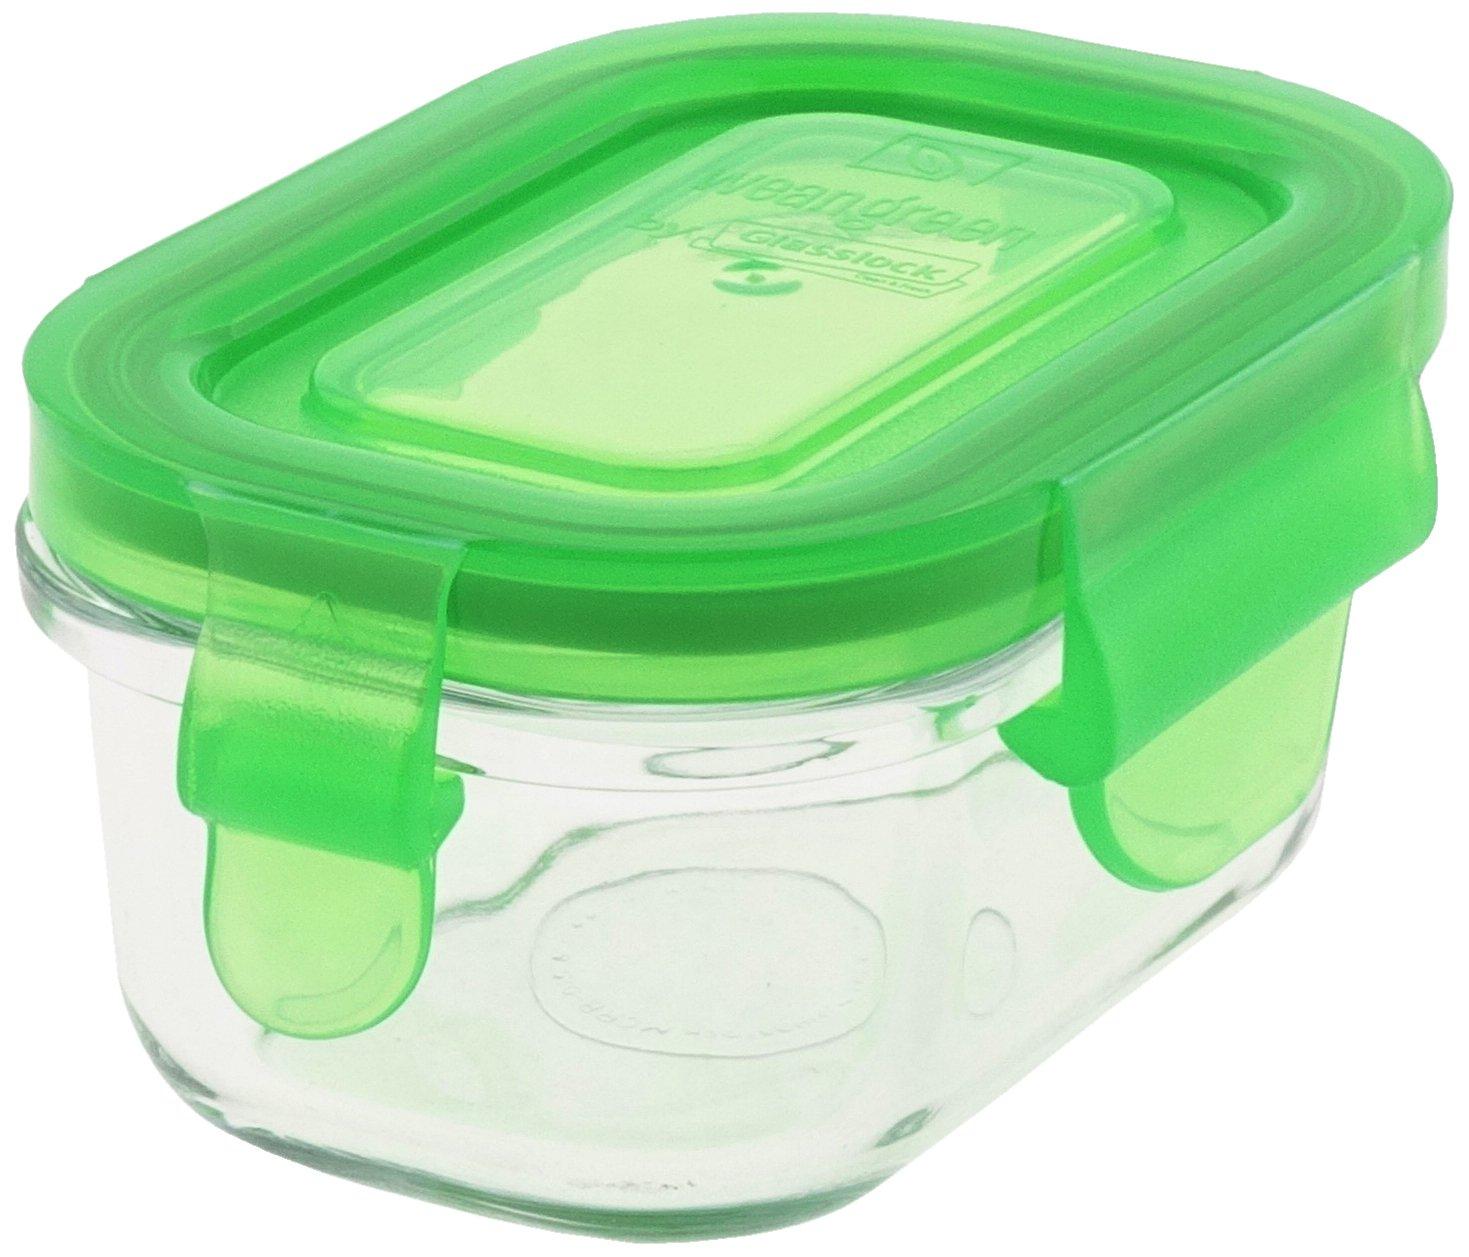 Wean Green GL426PS Tub Speisebehälter aus Glas, pea